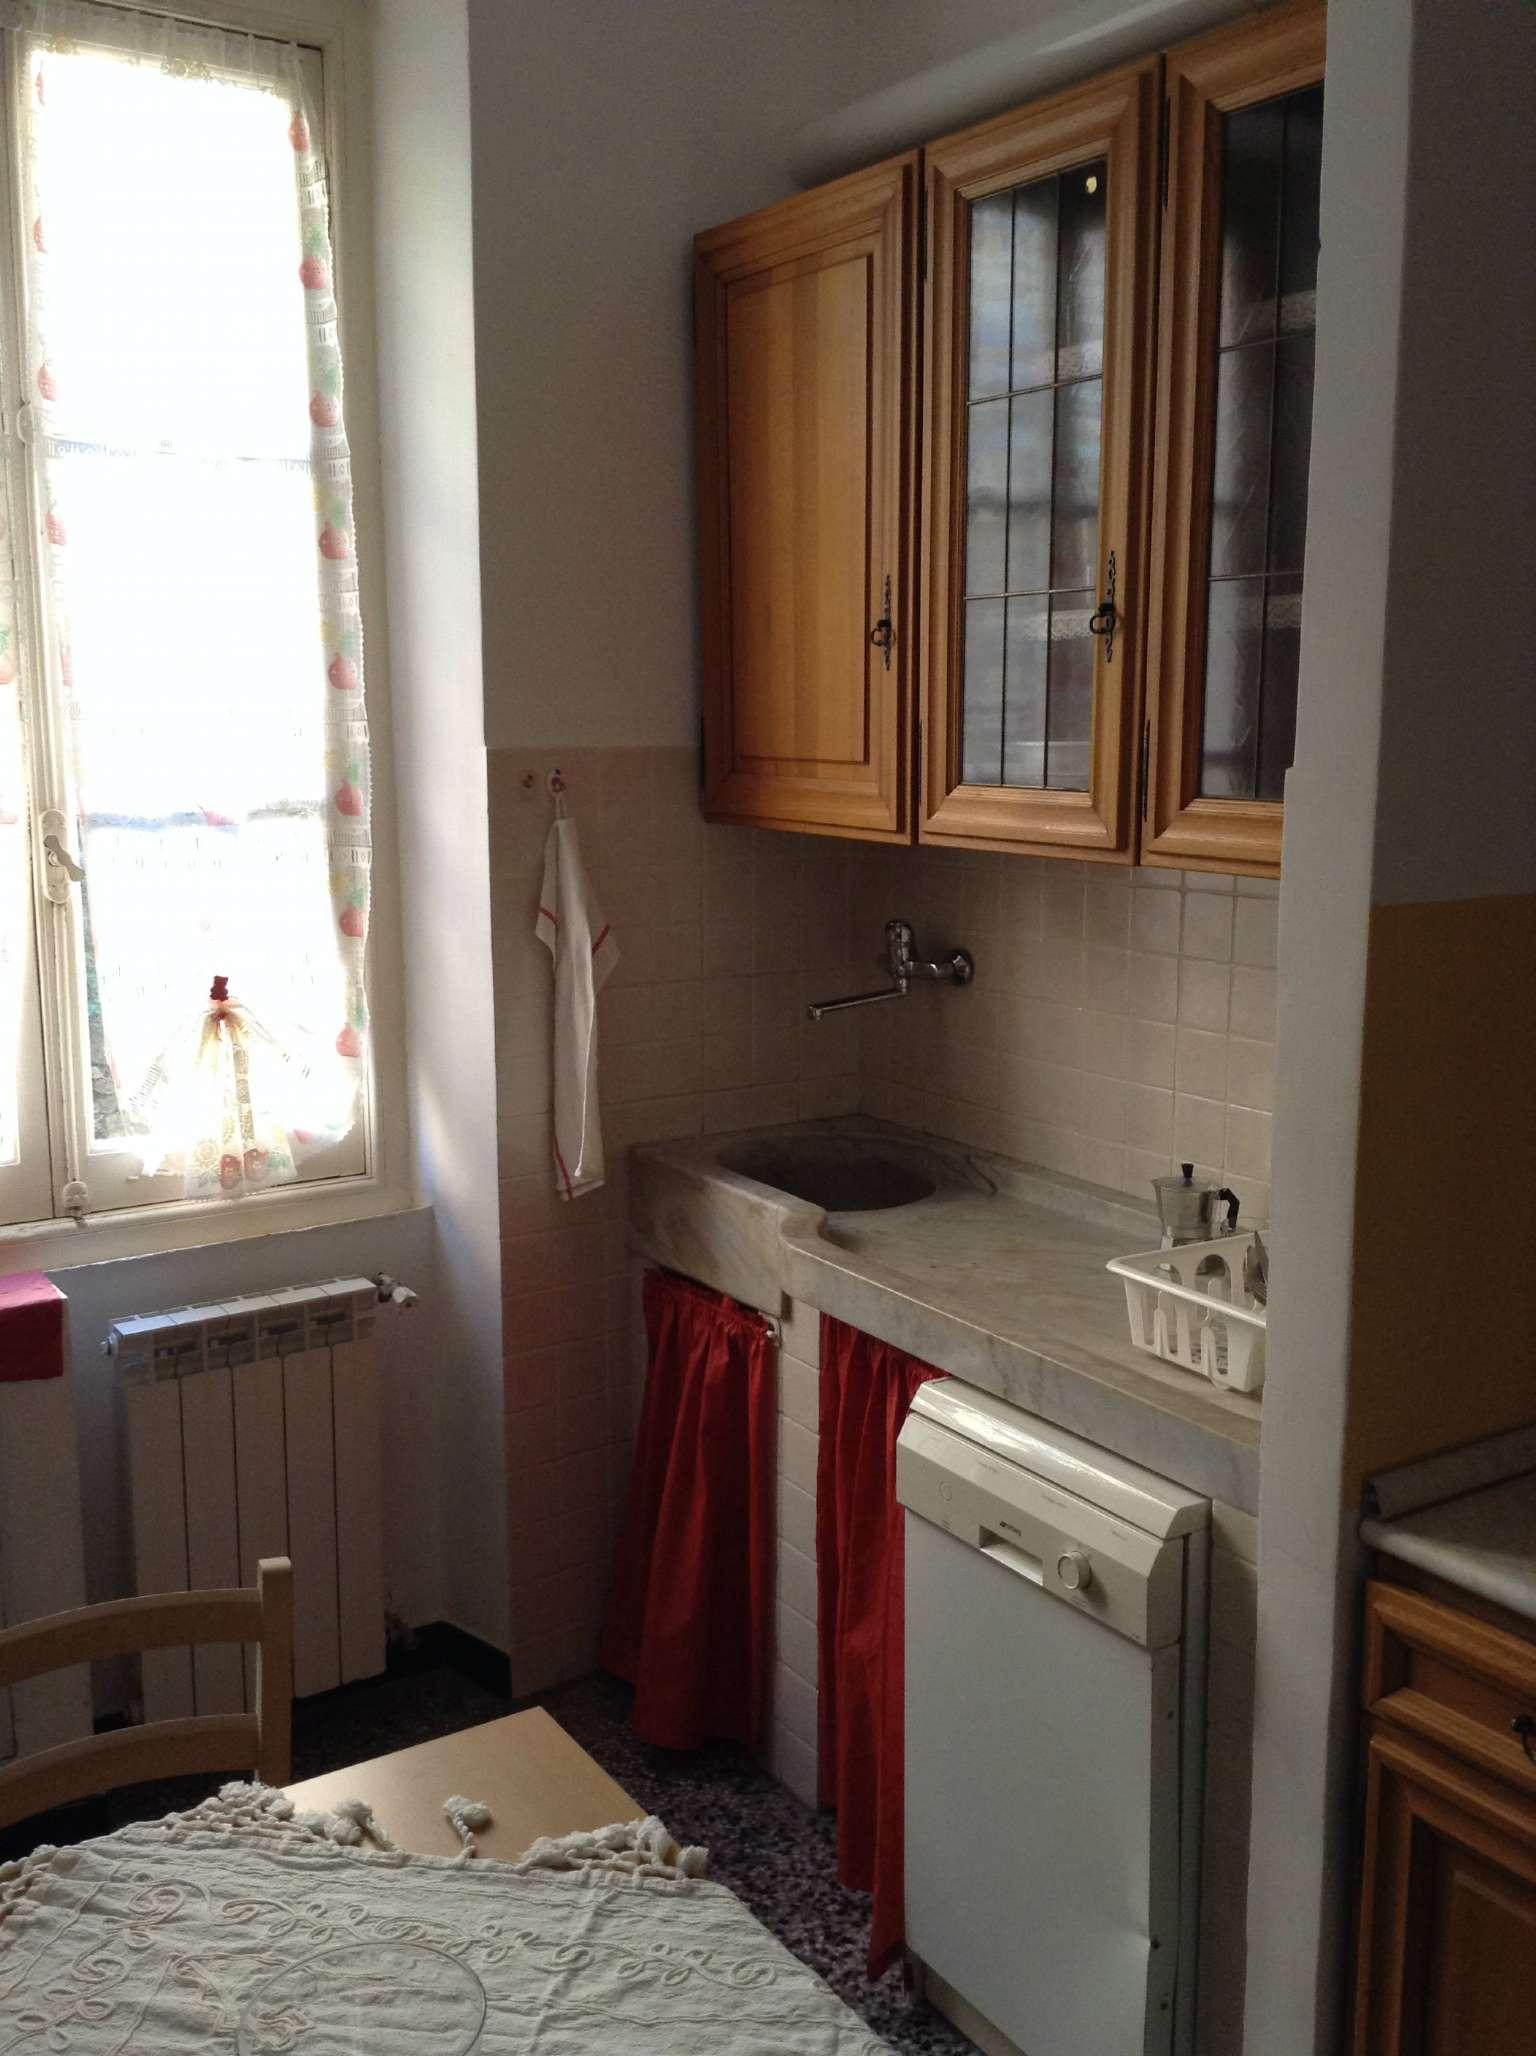 Appartamento genova vendita zona 7 di negro for Cucina 9 genova